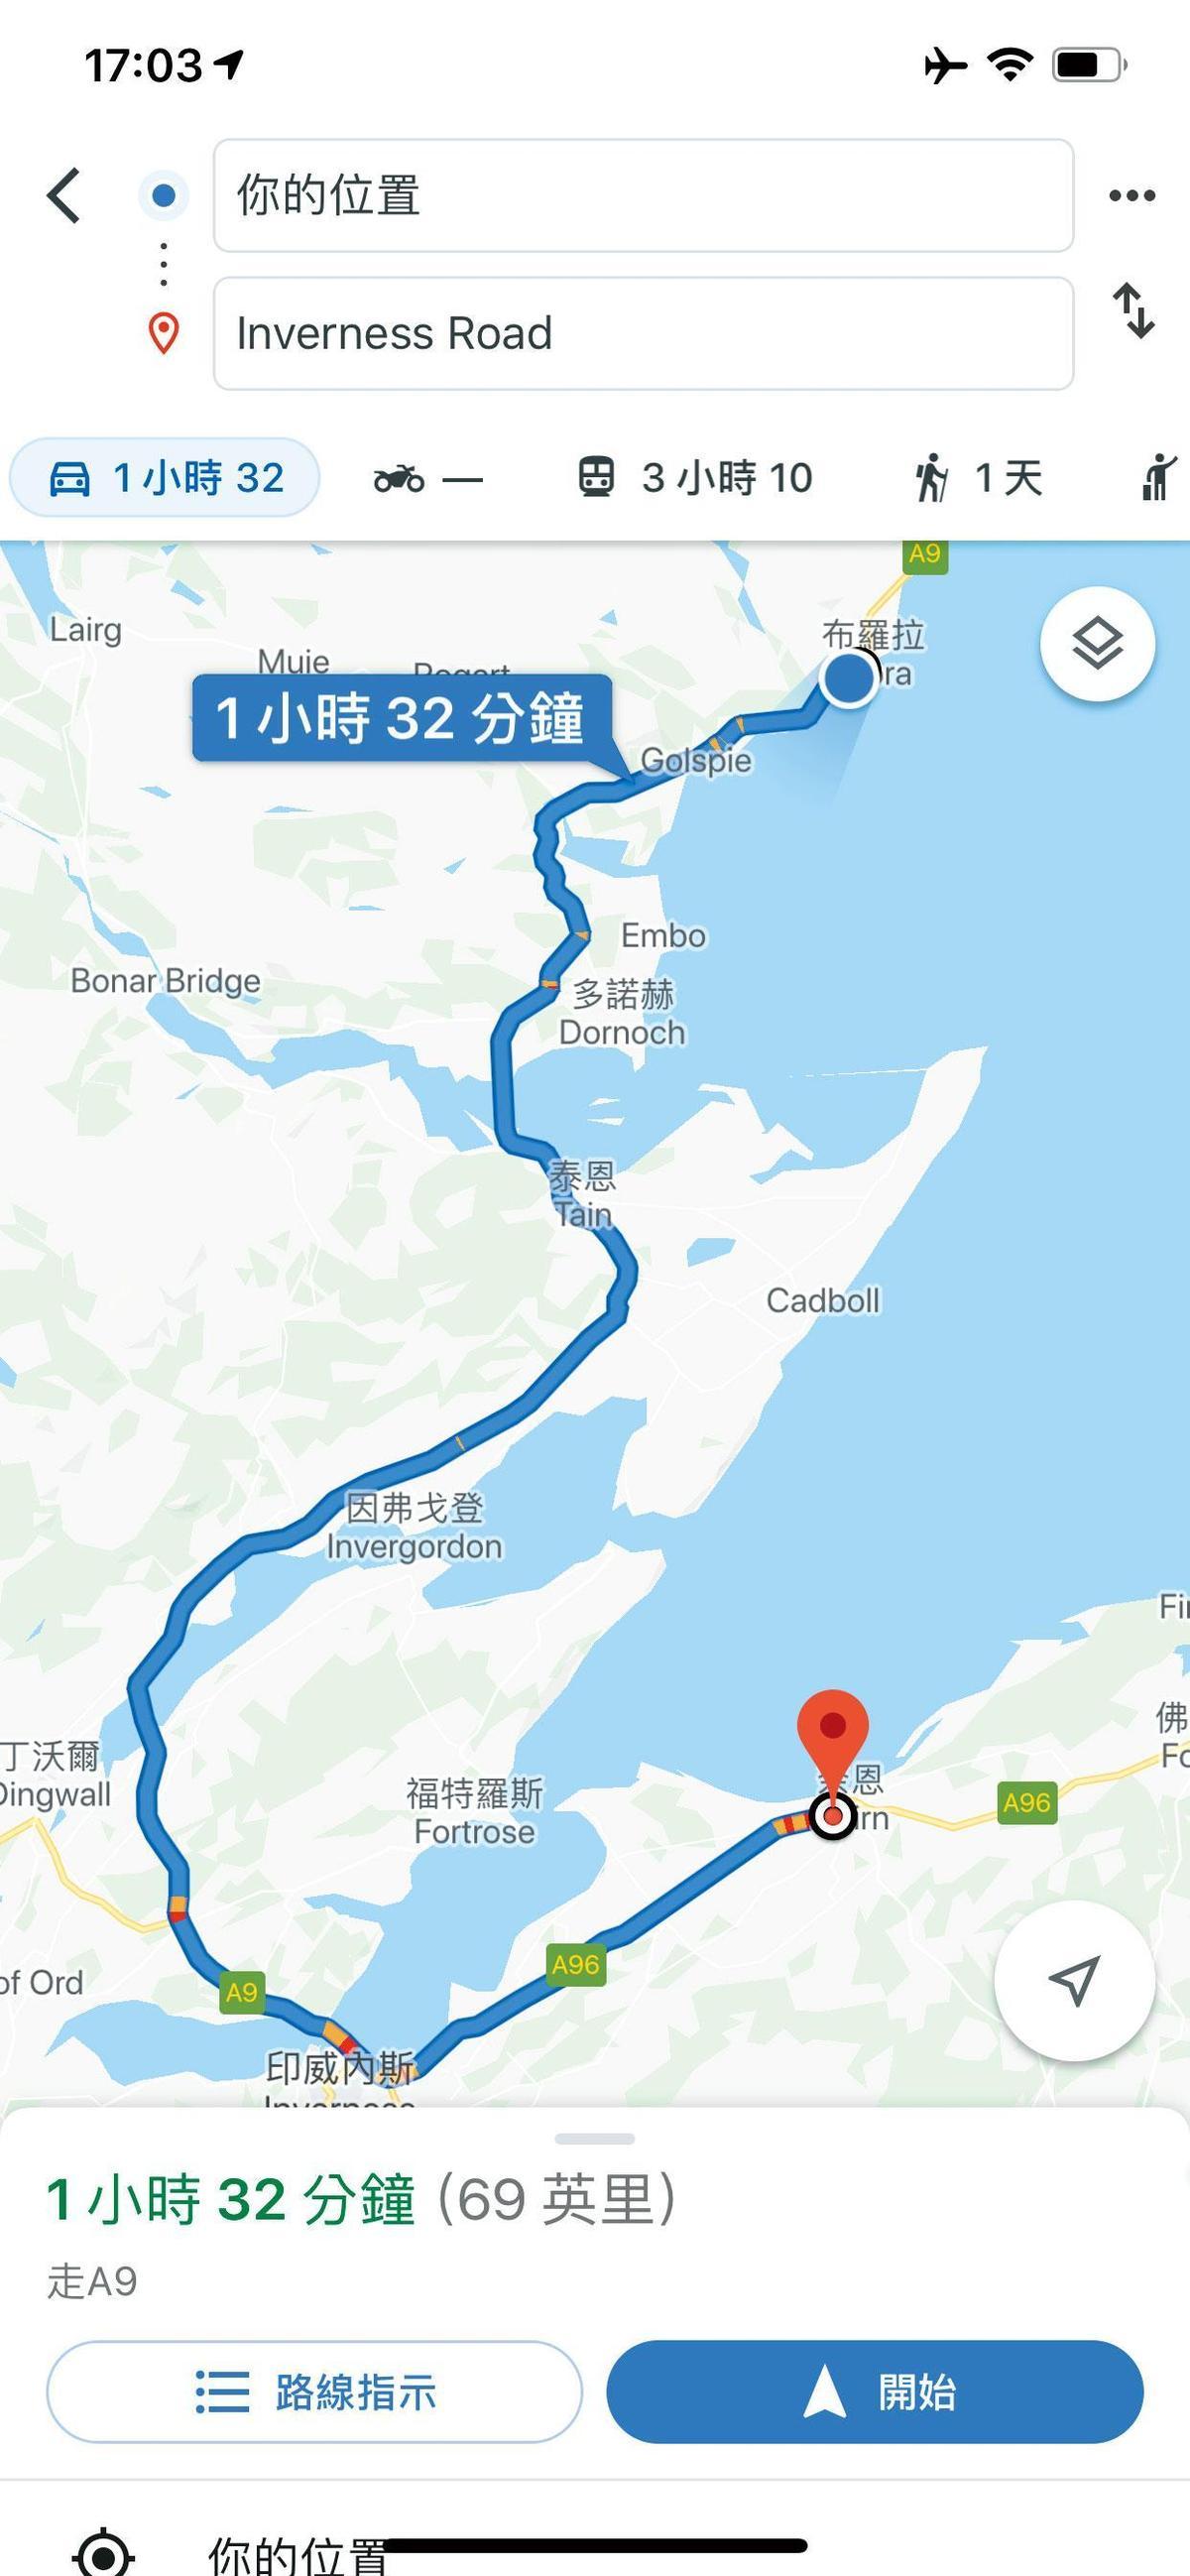 從蘇格蘭斯貝賽往北開,前進位於布羅拉的酒廠,車程約1.5小時。